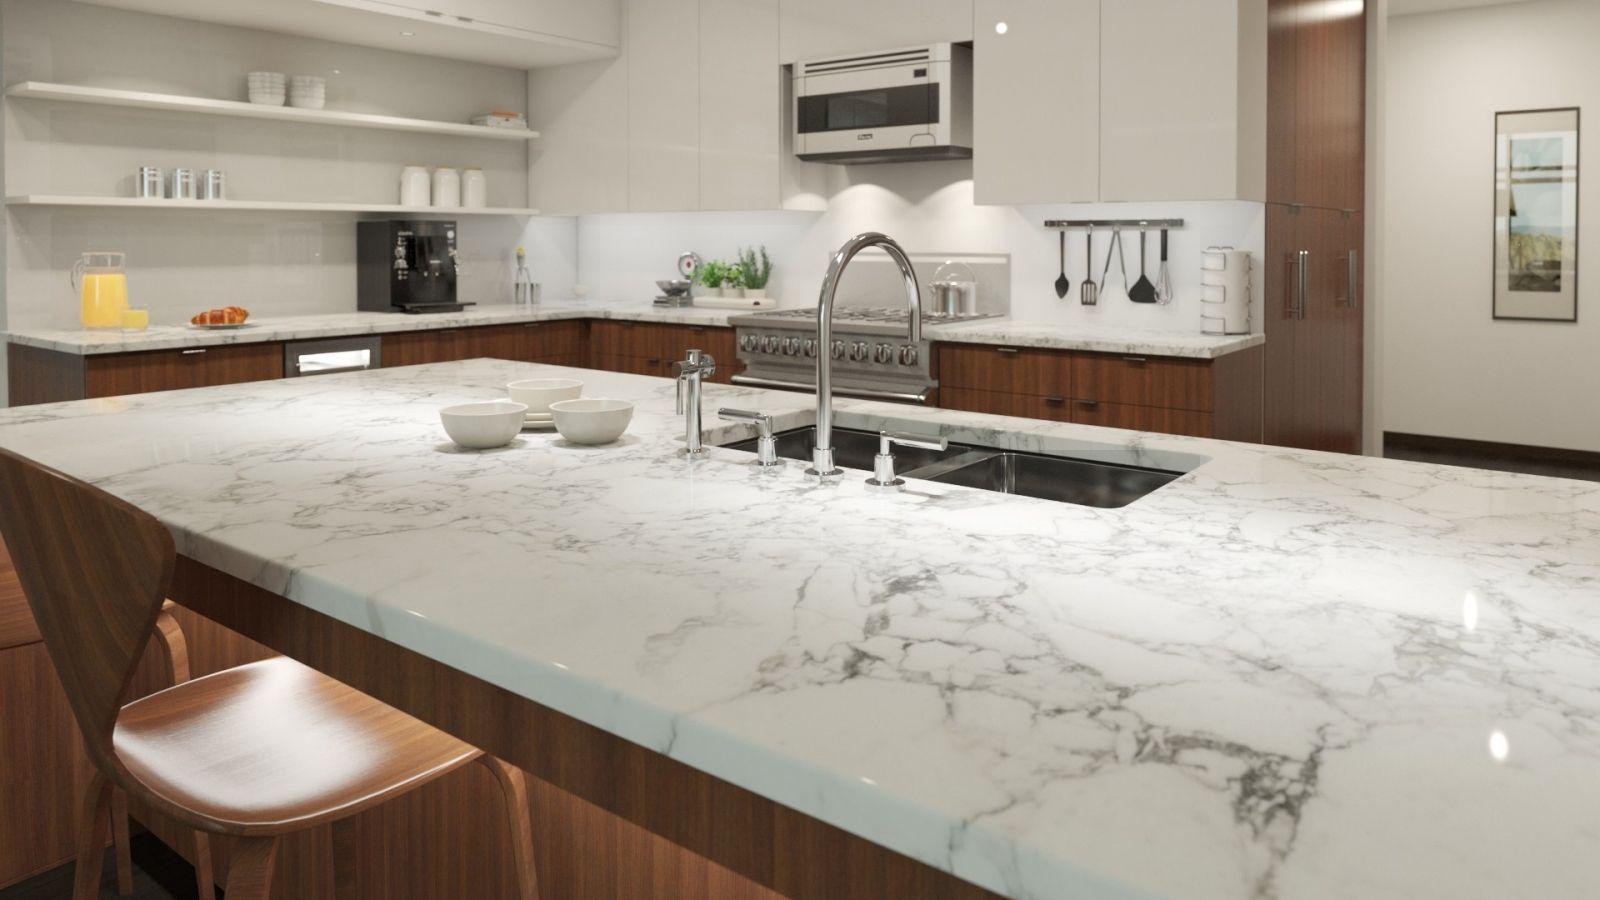 Mặt đá tủ bếp màu trắng có những loại nào?